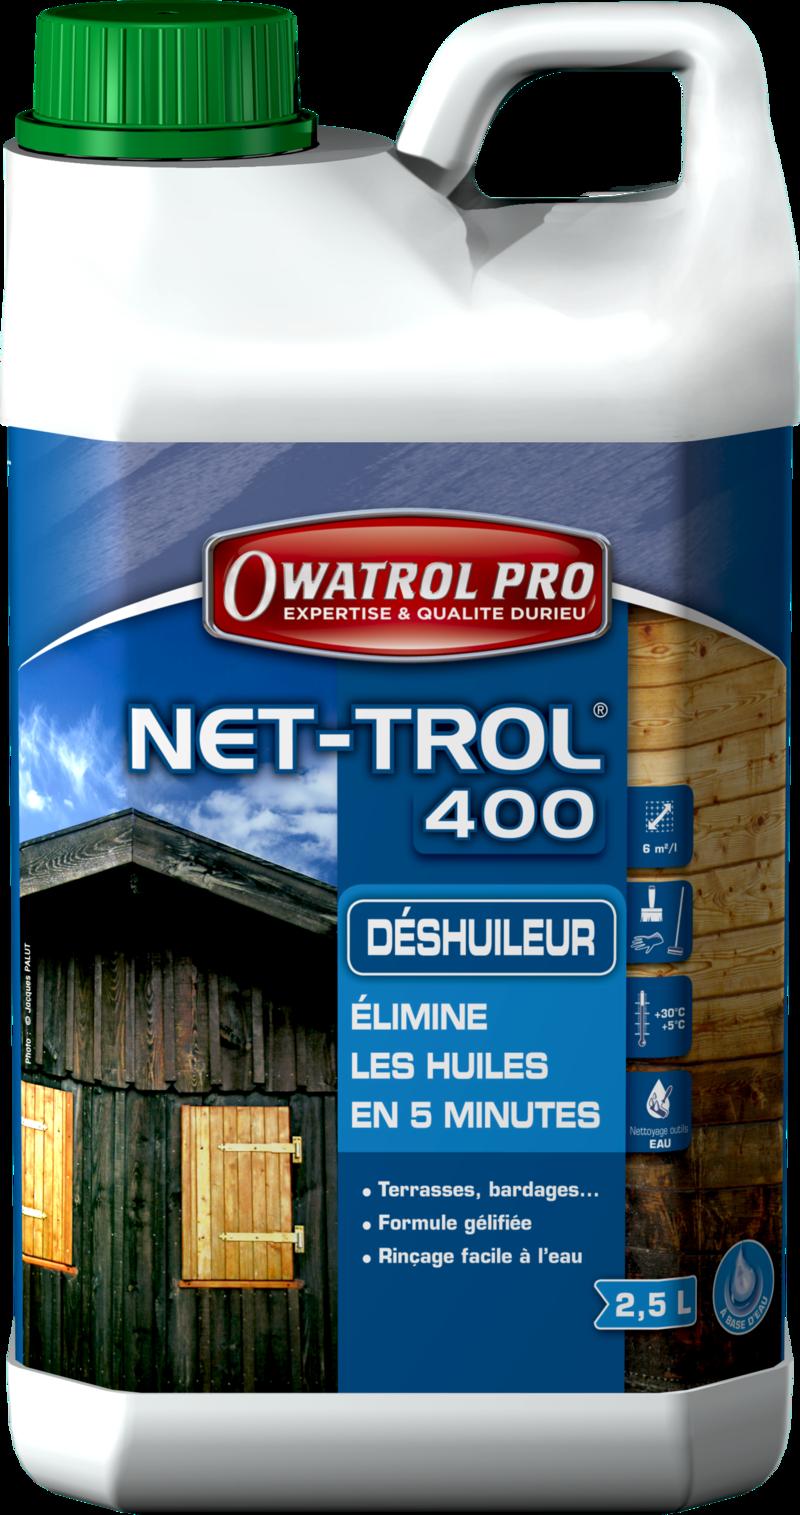 Owatrol durieur net trol 400 2.5 l - Voir en grand